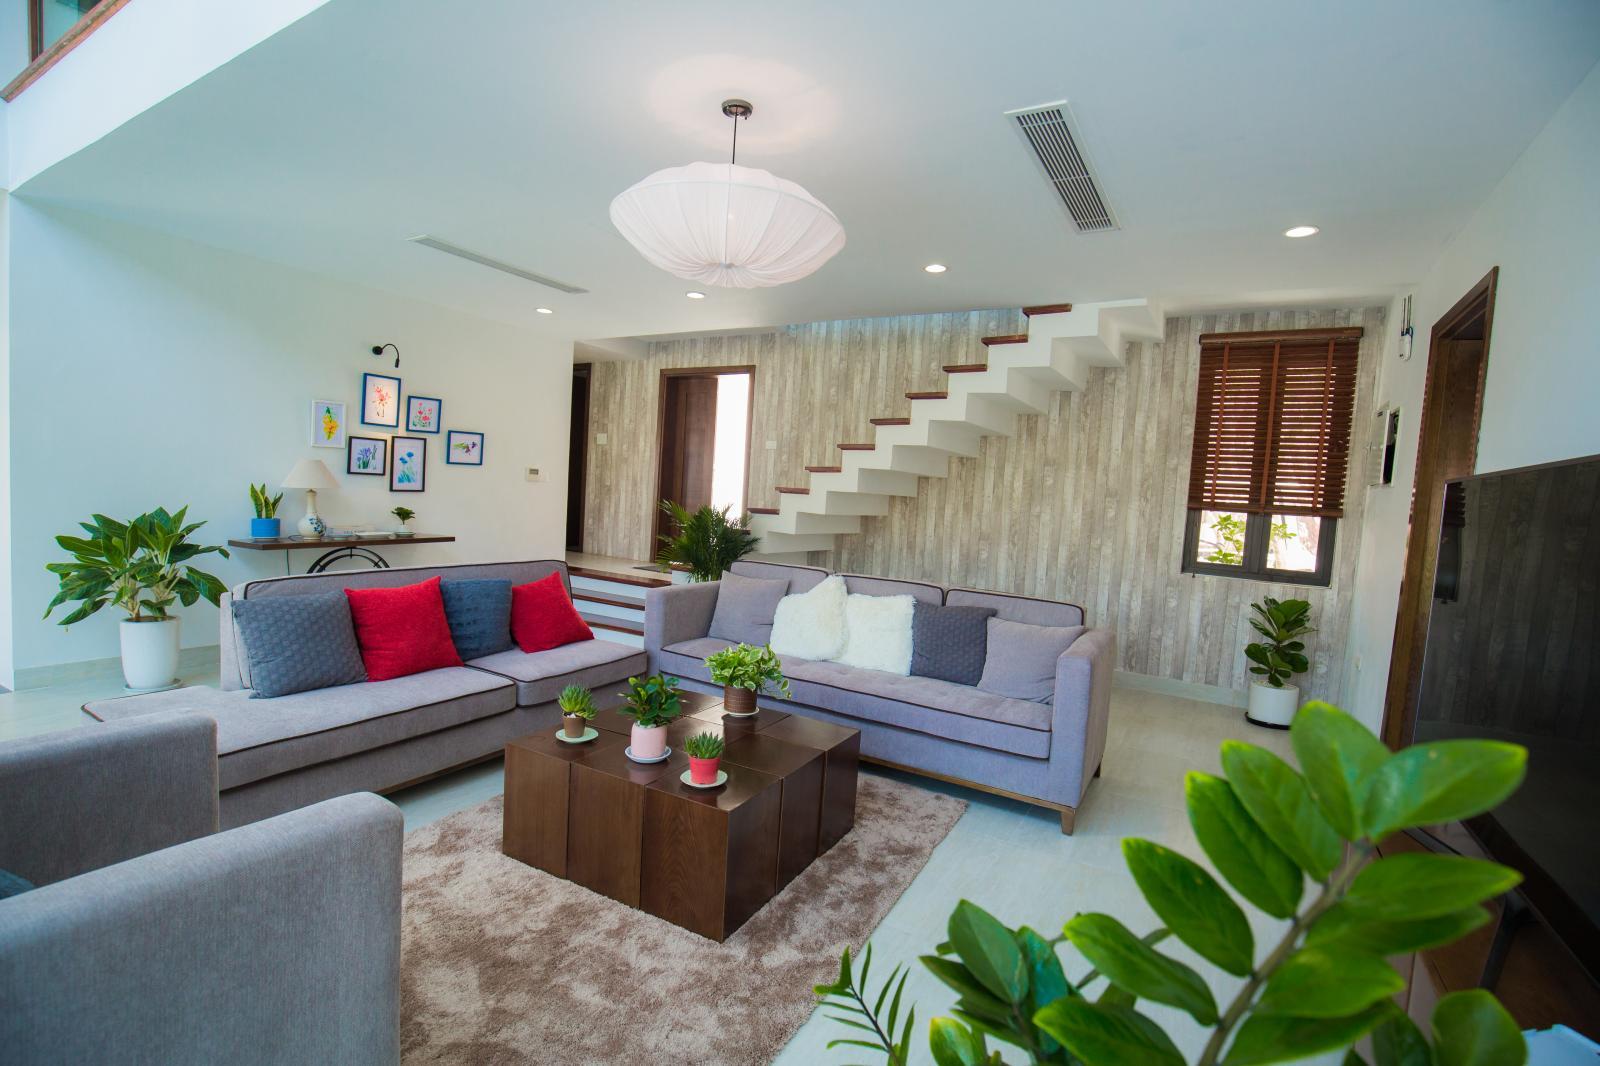 bất động sản nghỉ dưỡng sân golf với căn hộ có phòng khách rộng, bộ bàn ghế và cầu thang